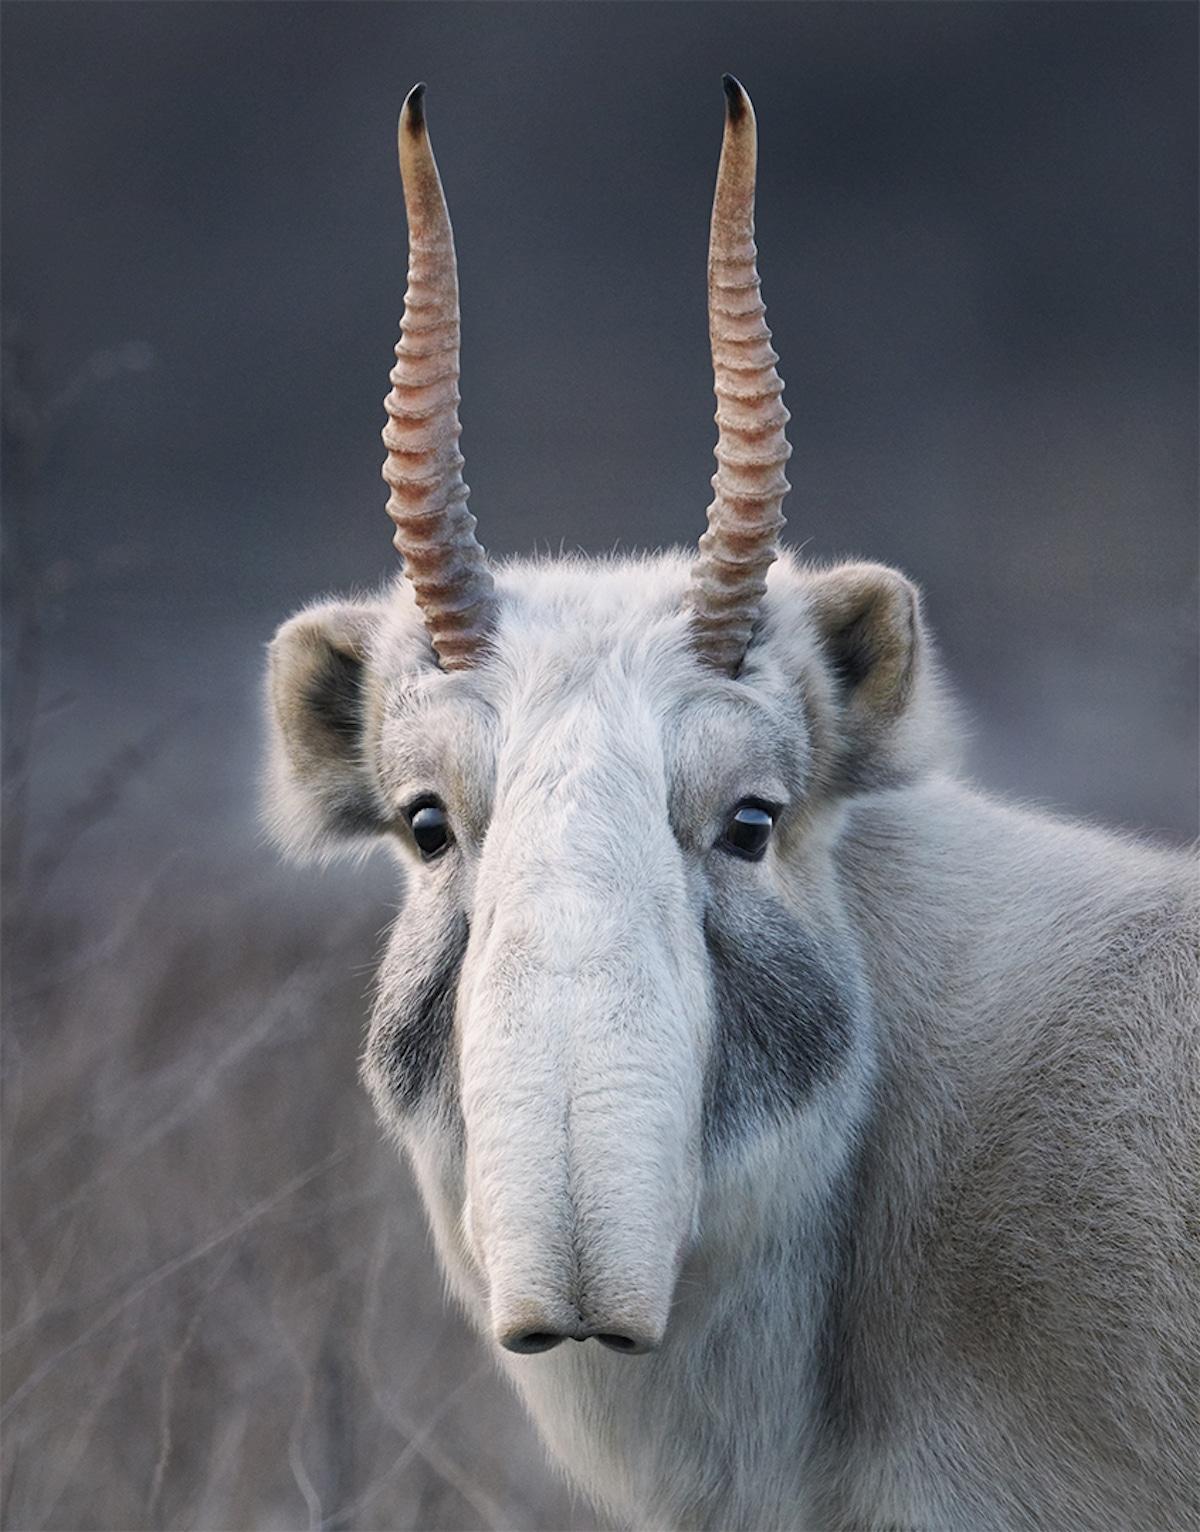 Zdjęcie zwierzęcia z rogami i długim nosem